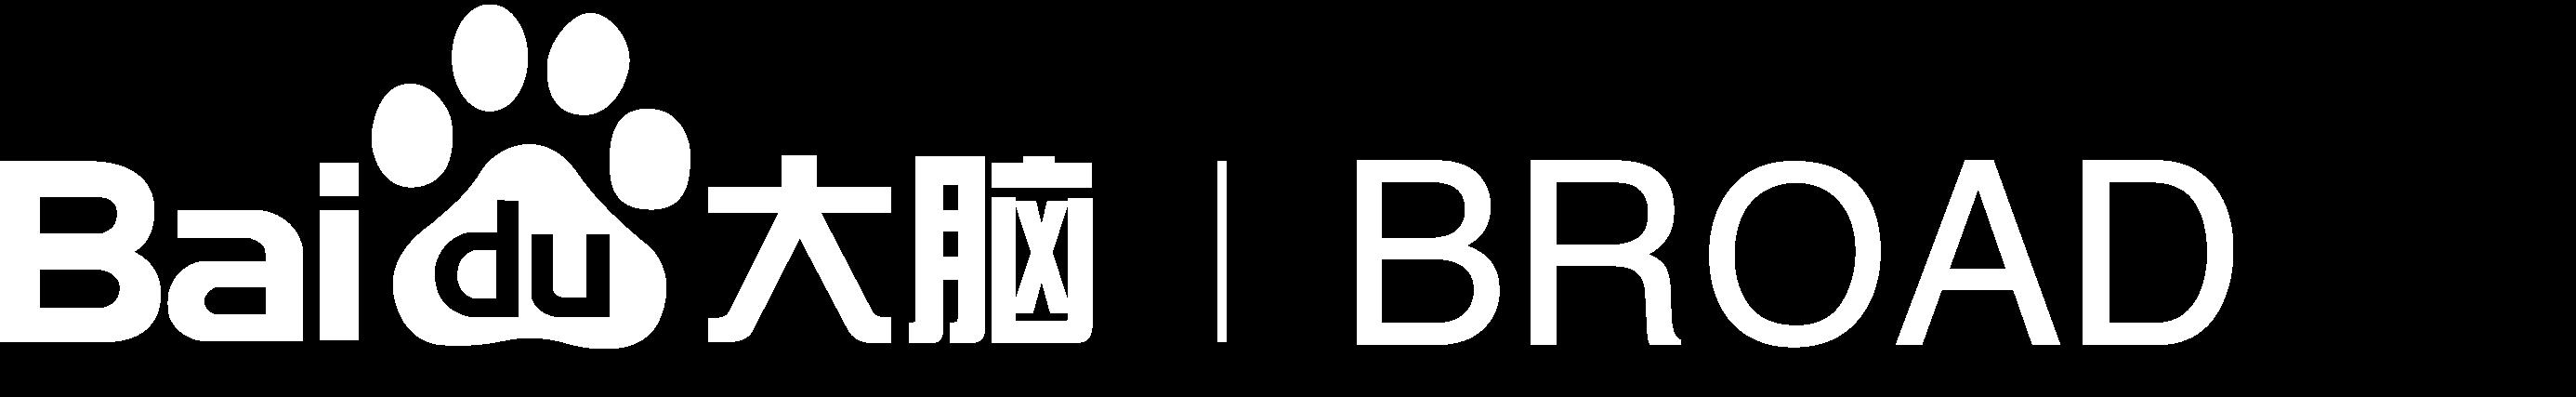 Baidu Road: Research Open-Access Dataset